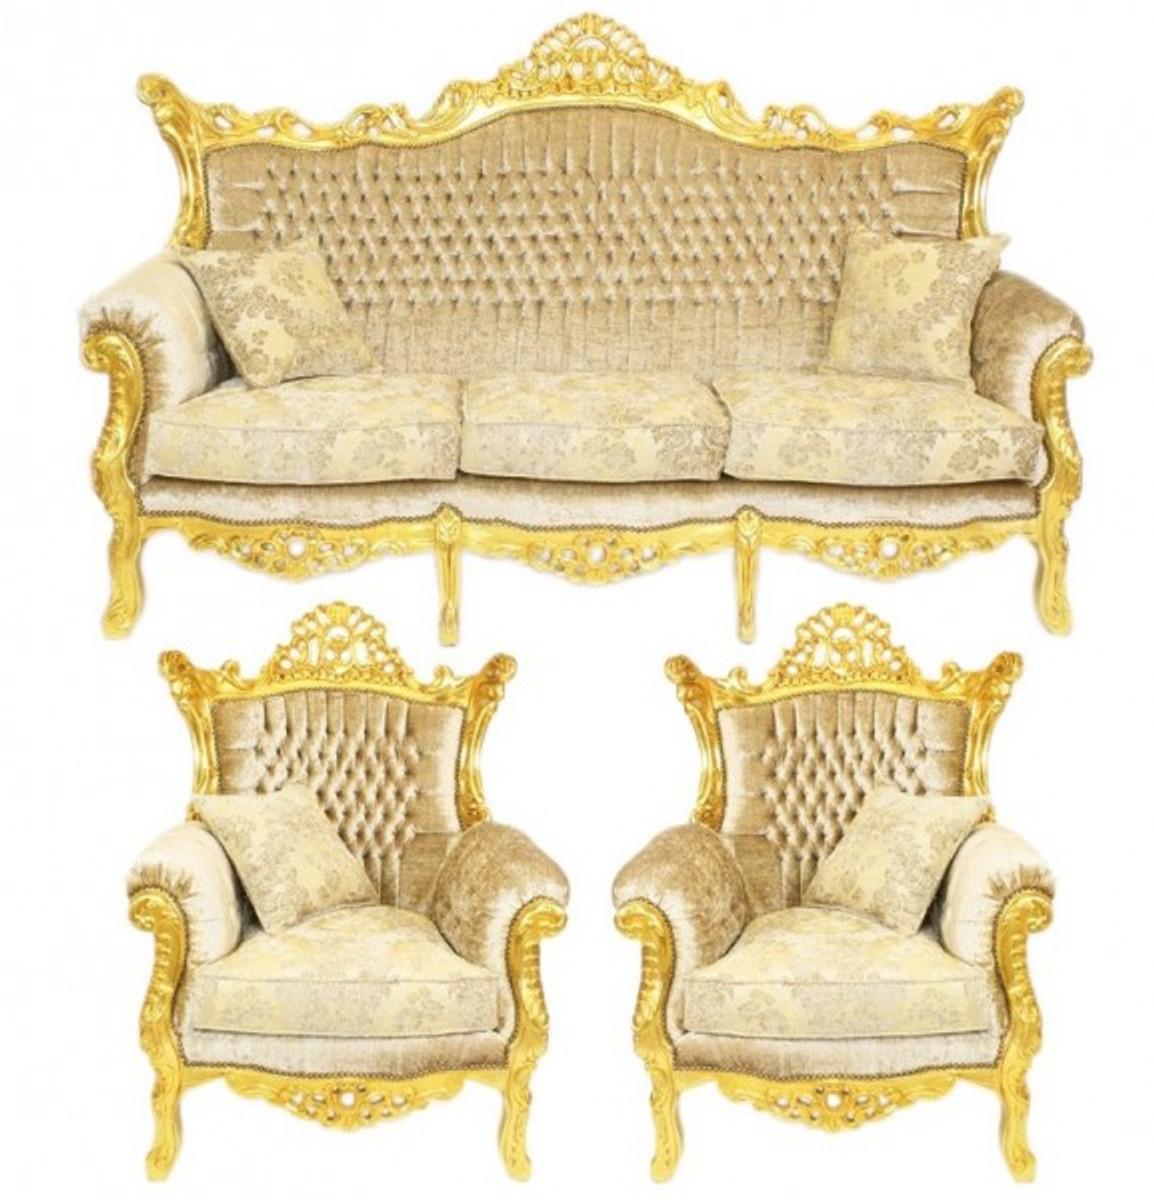 Hervorragend Casa Padrino Barock Wohnzimmer Set Master Creme Samtstoff / Gold   3er Sofa  + 2 Sessel   Limited Edition!